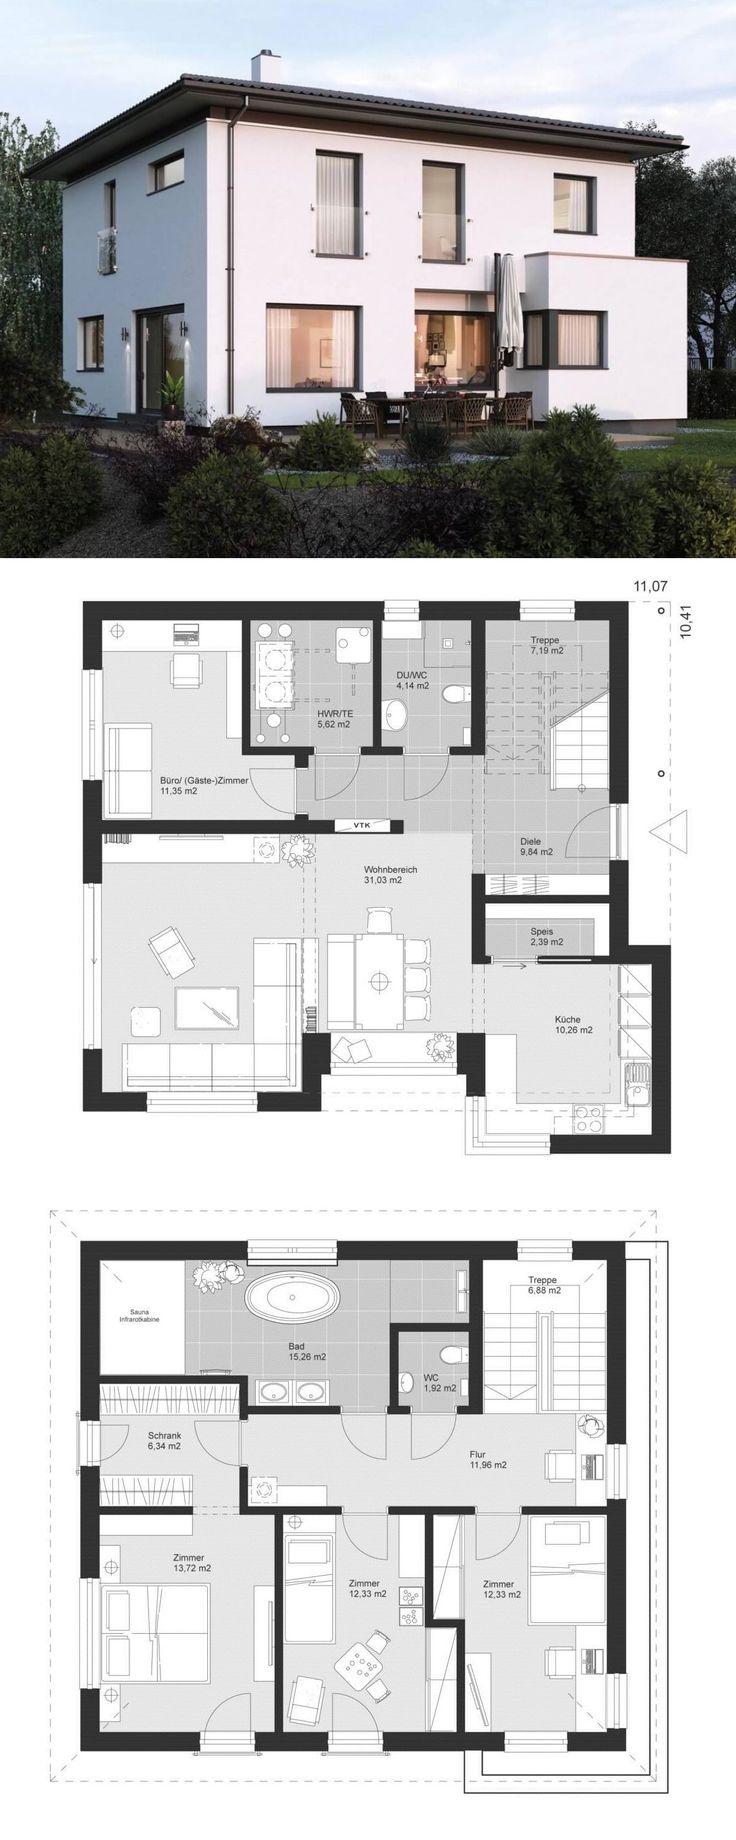 Moderne Stadtvilla Grundriss Architektur klassisch…